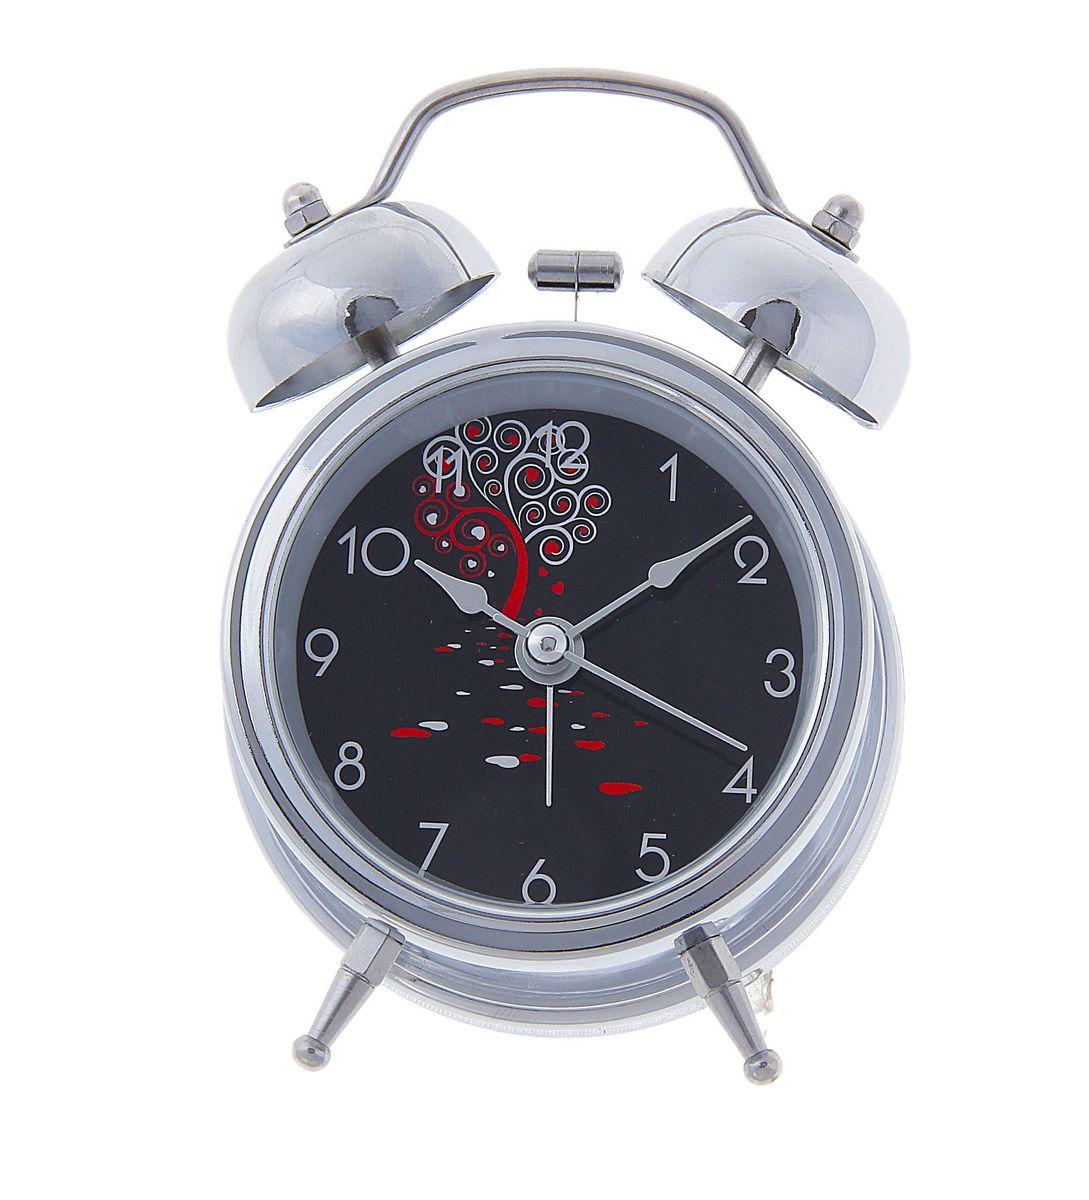 Часы-будильник Sima-land. 127202127202Как же сложно иногда вставать вовремя! Всегда так хочется поспать еще хотя бы 5 минут и бывает, что мы просыпаем. Теперь этого не случится! Яркий, оригинальный будильник Sima-land поможет вам всегда вставать в нужное время и успевать везде и всюду. Время показывает точно и будит в установленный час. Будильник украсит вашу комнату и приведет в восхищение друзей. На задней панели будильника расположены переключатель включения/выключения механизма и два колесика для настройки текущего времени и времени звонка будильника. Также будильник оснащен кнопкой, при нажатии и удержании которой, подсвечивается циферблат.Будильник работает от 1 батарейки типа AA напряжением 1,5V (не входит в комплект).